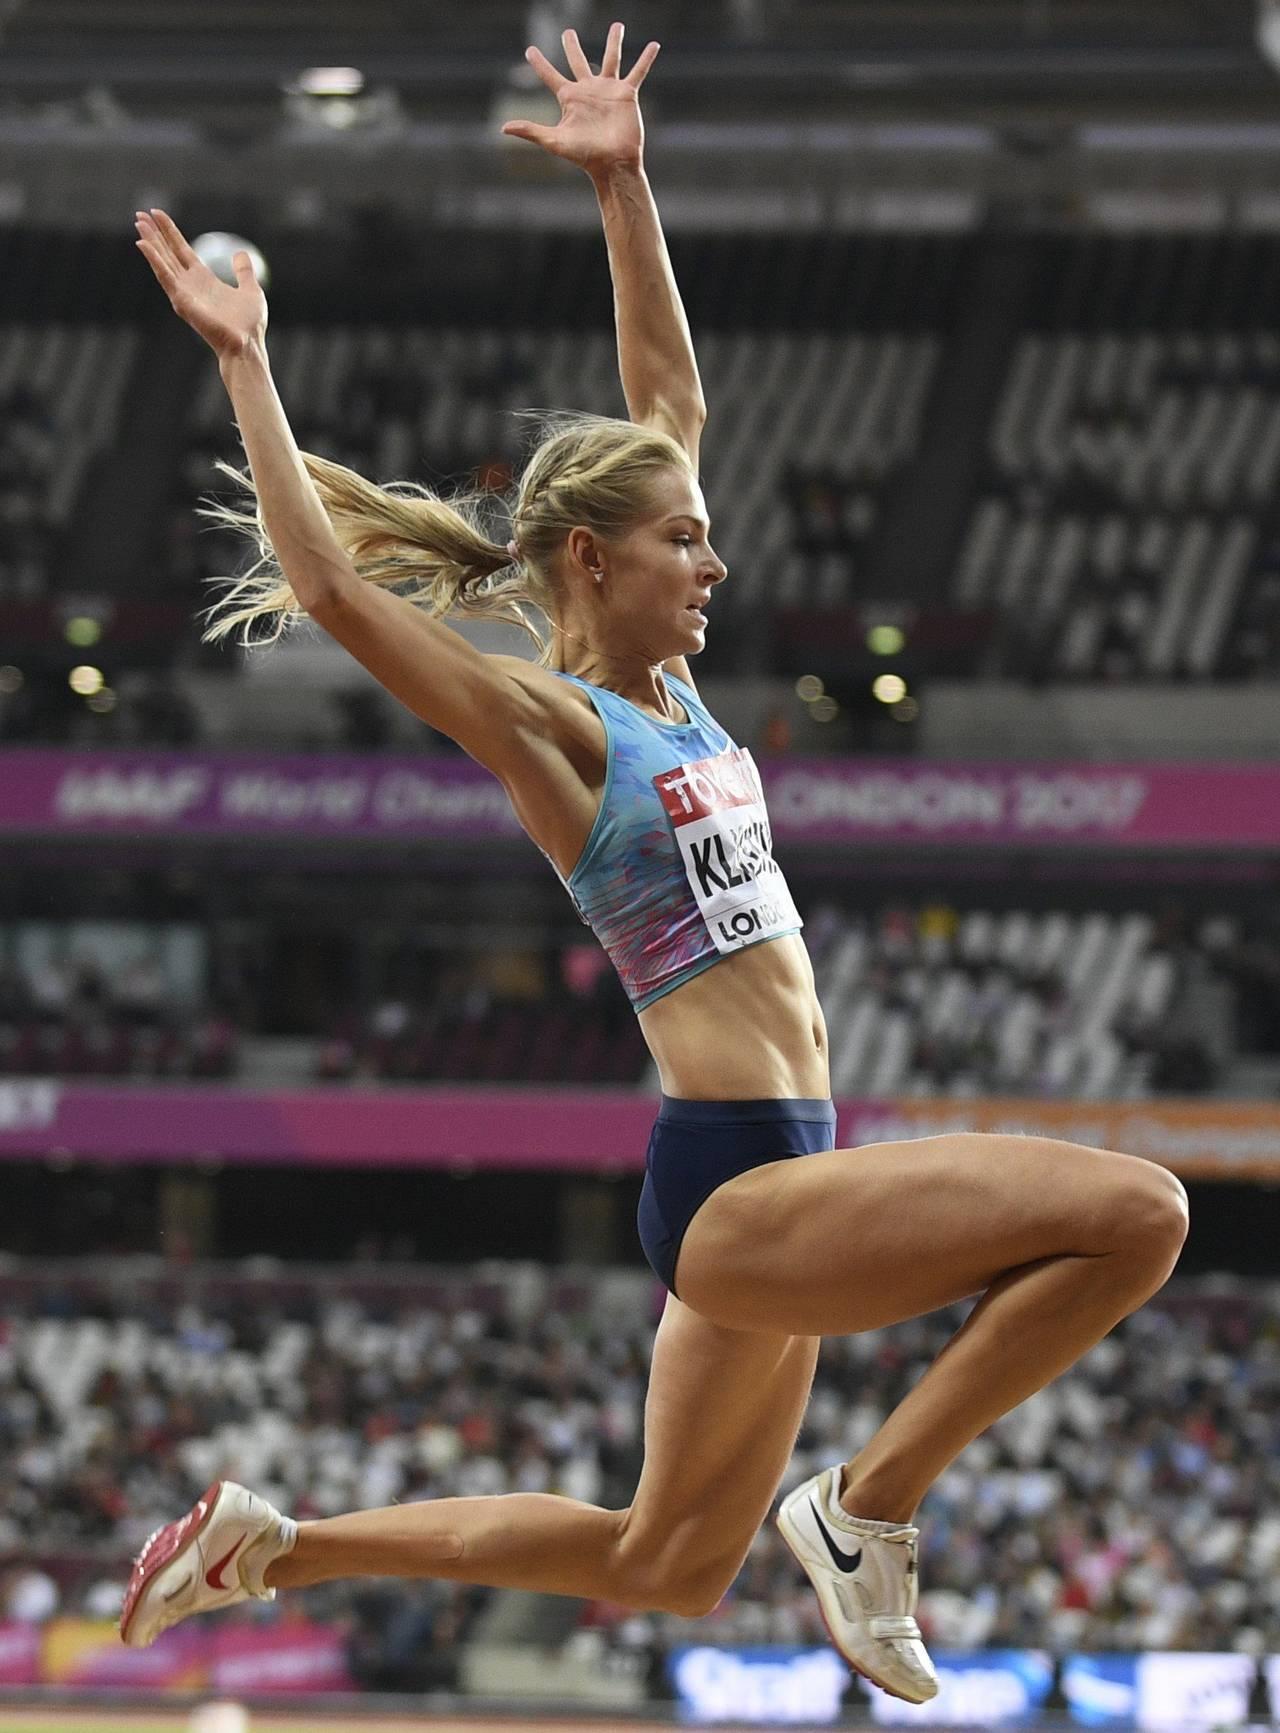 Sin bandera, Klishina disfruta su medalla